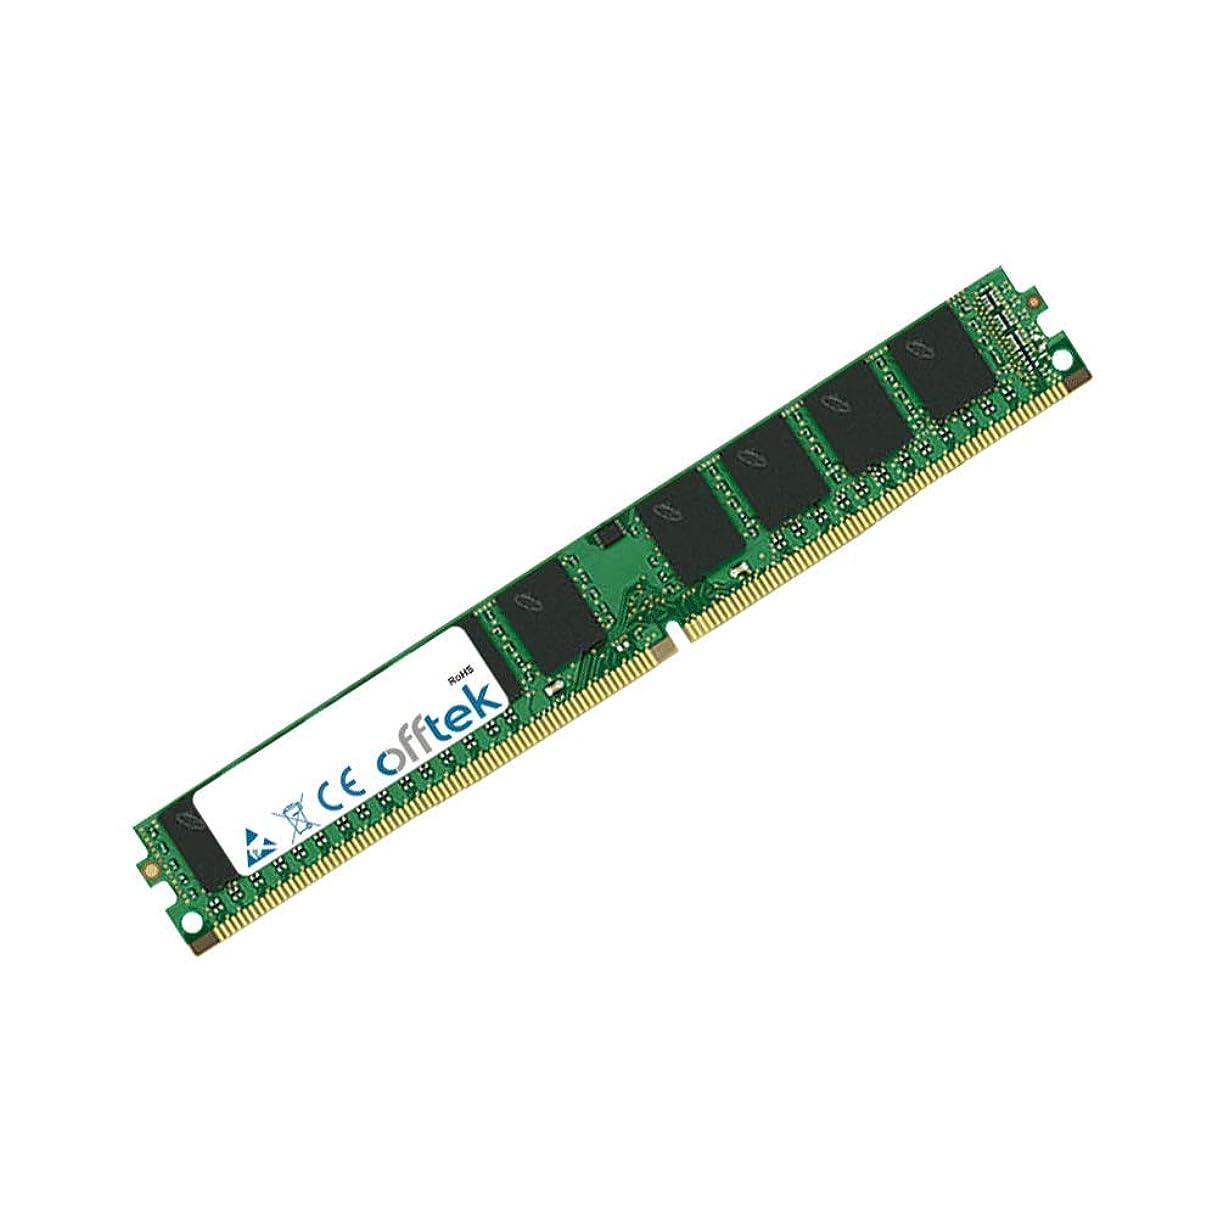 来てカリキュラム業界OFFTEK 288ピン Dimm - DDR4 - PC4-17000 (2133Mhz) - UDIMM - ECC Unbuffered - VLP用メモリRAMアップグレード 16GB Module - ECC - DDR4-17000 (PC4-2133) 1160878-OF-16384